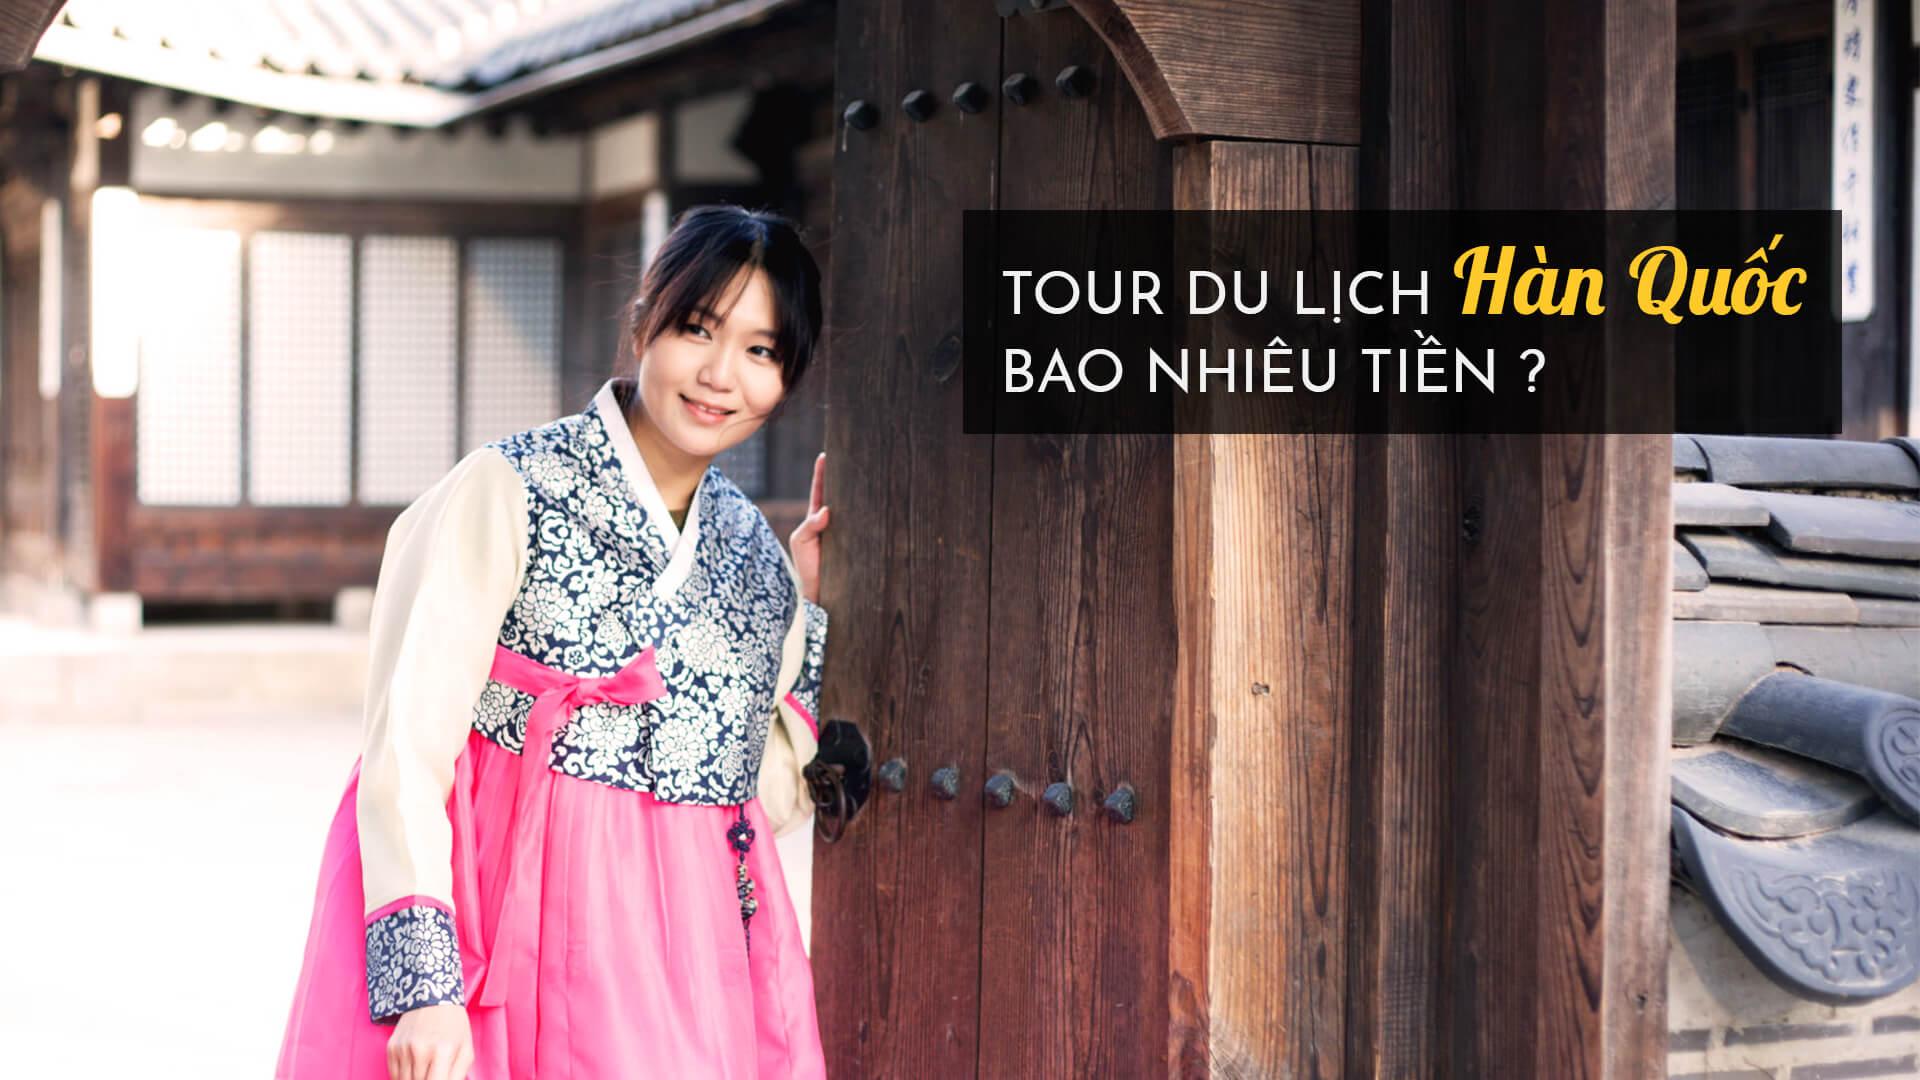 Tour du lịch Hàn Quốc TRỌN GÓI, UY TÍN bao nhiêu tiền